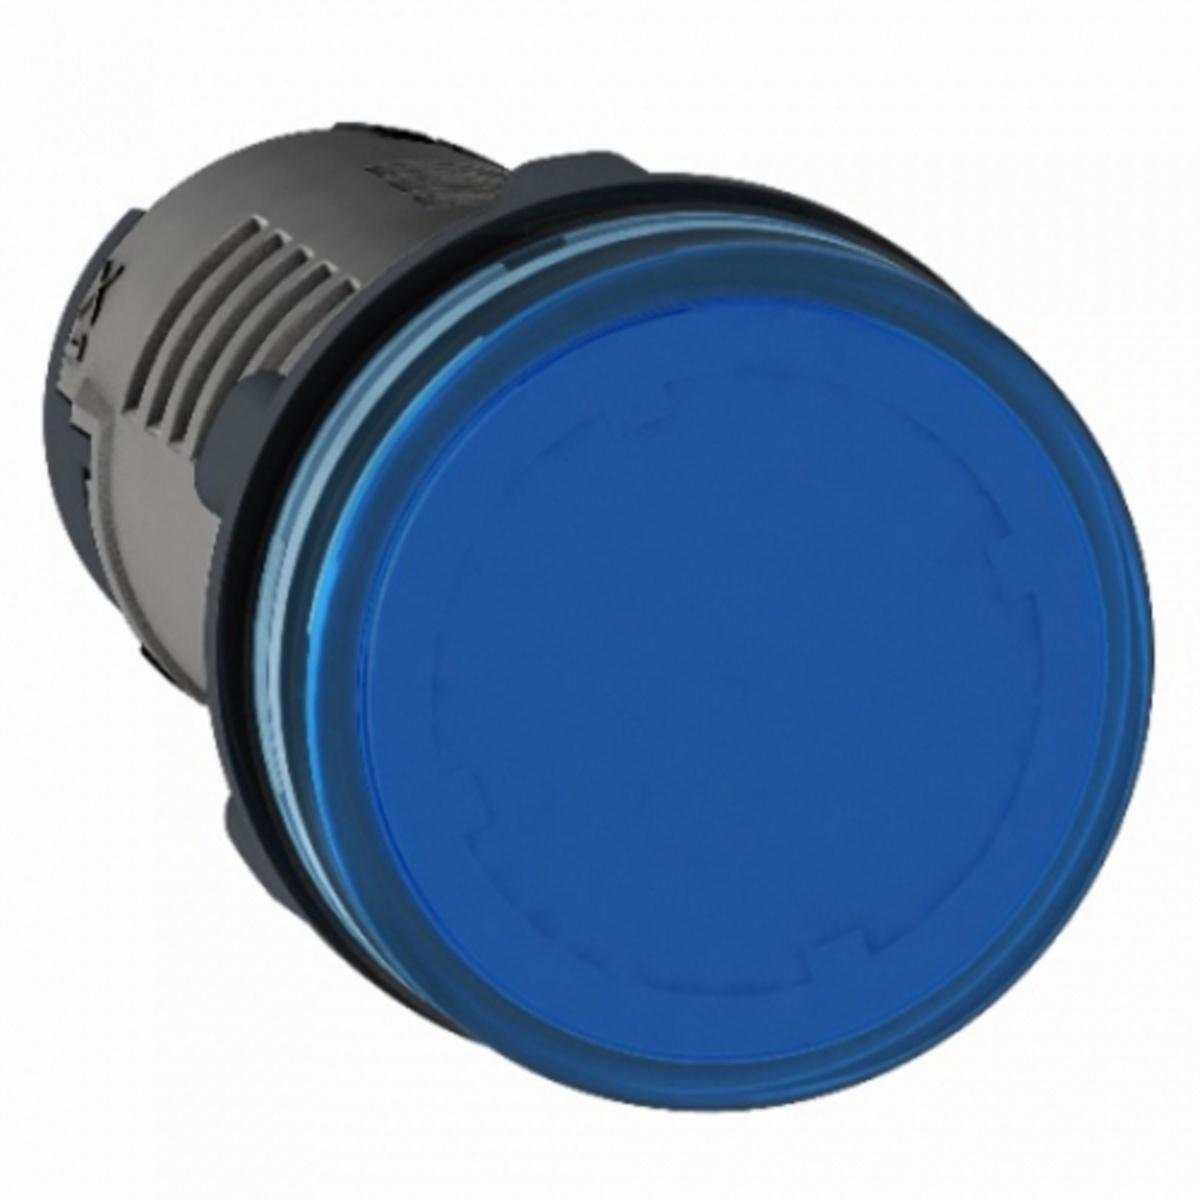 SINALIZADOR LED 22MM AZ 220V XA2EVM6LC SCHNEIDER